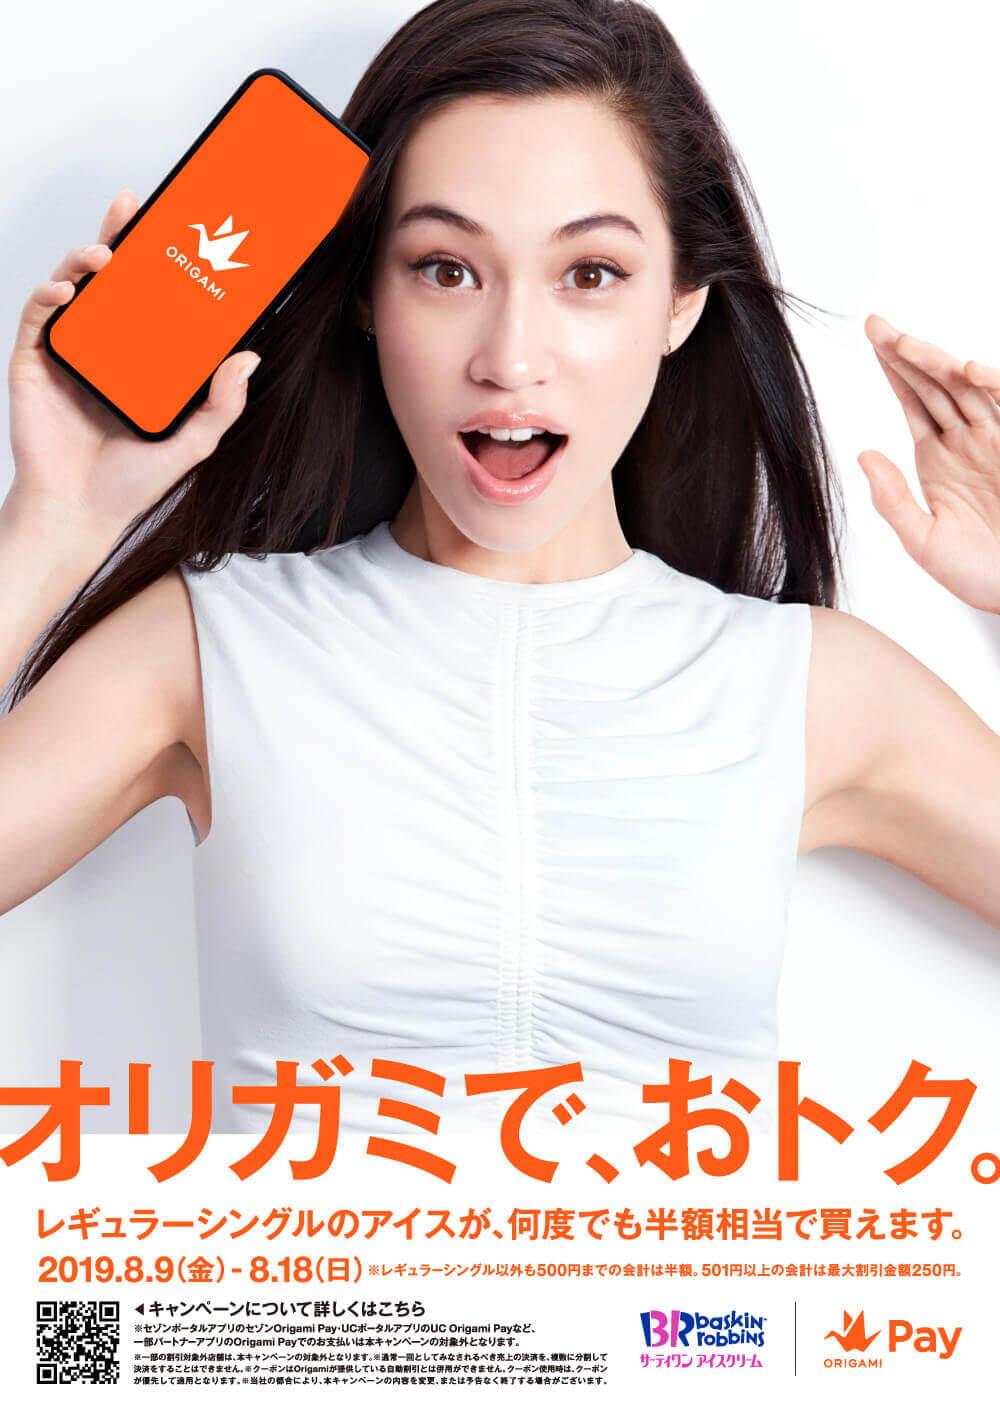 Origamiのポスター 水原希子さん